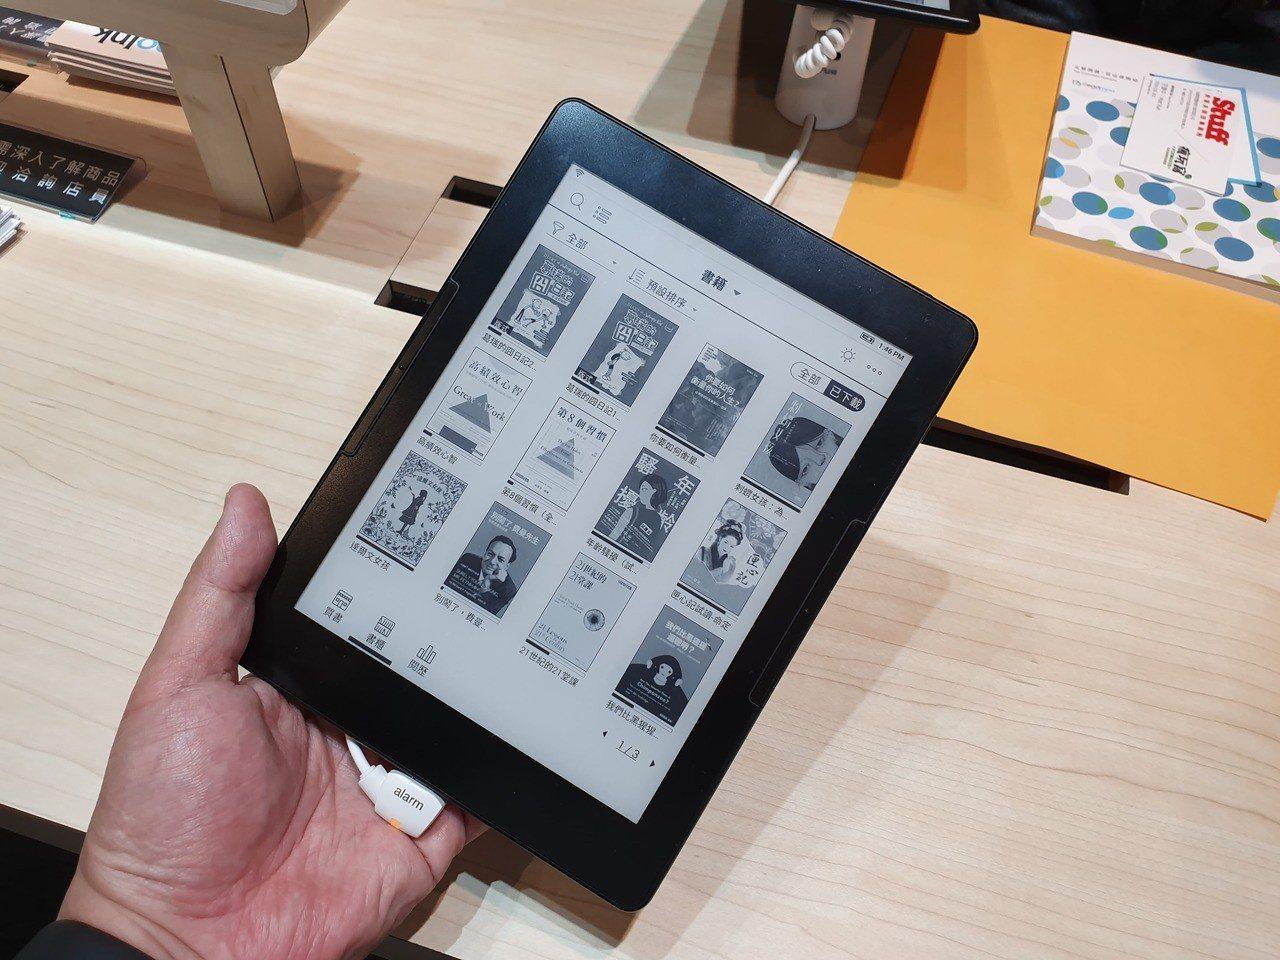 電子紙輕薄、省電、不傷眼的優勢,吸引越來越多讀者使用。記者黃筱晴/攝影